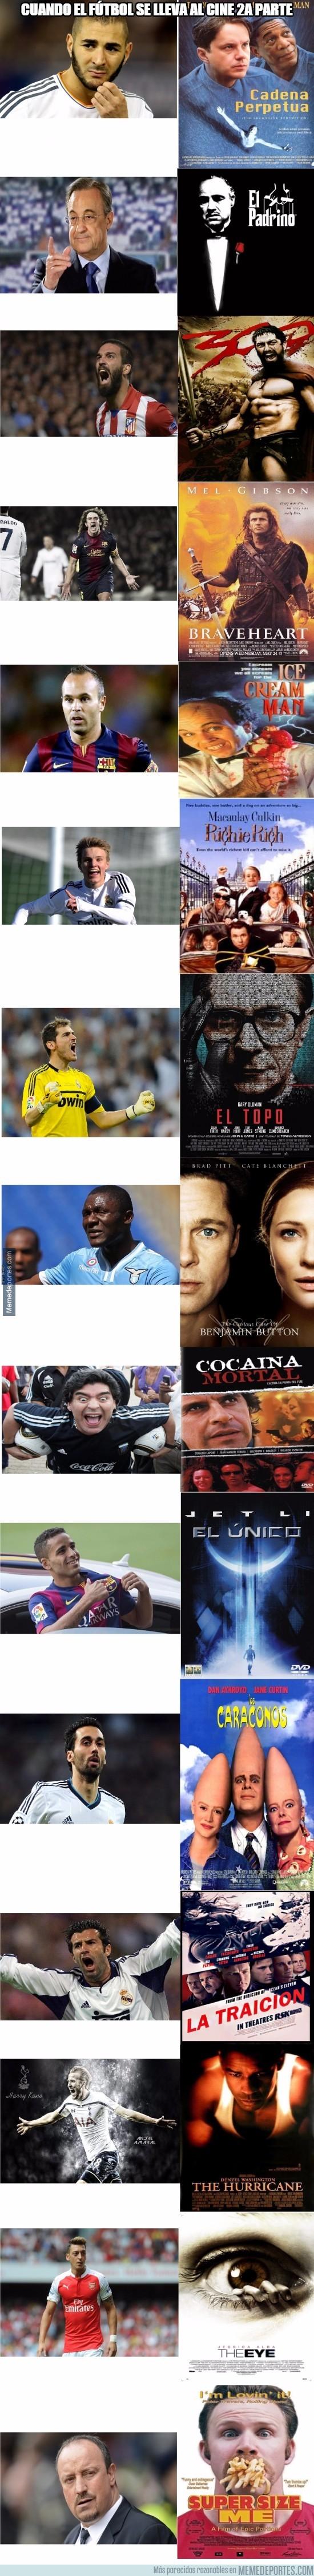 760613 - Cuando el fútbol se lleva al cine [2 parte]